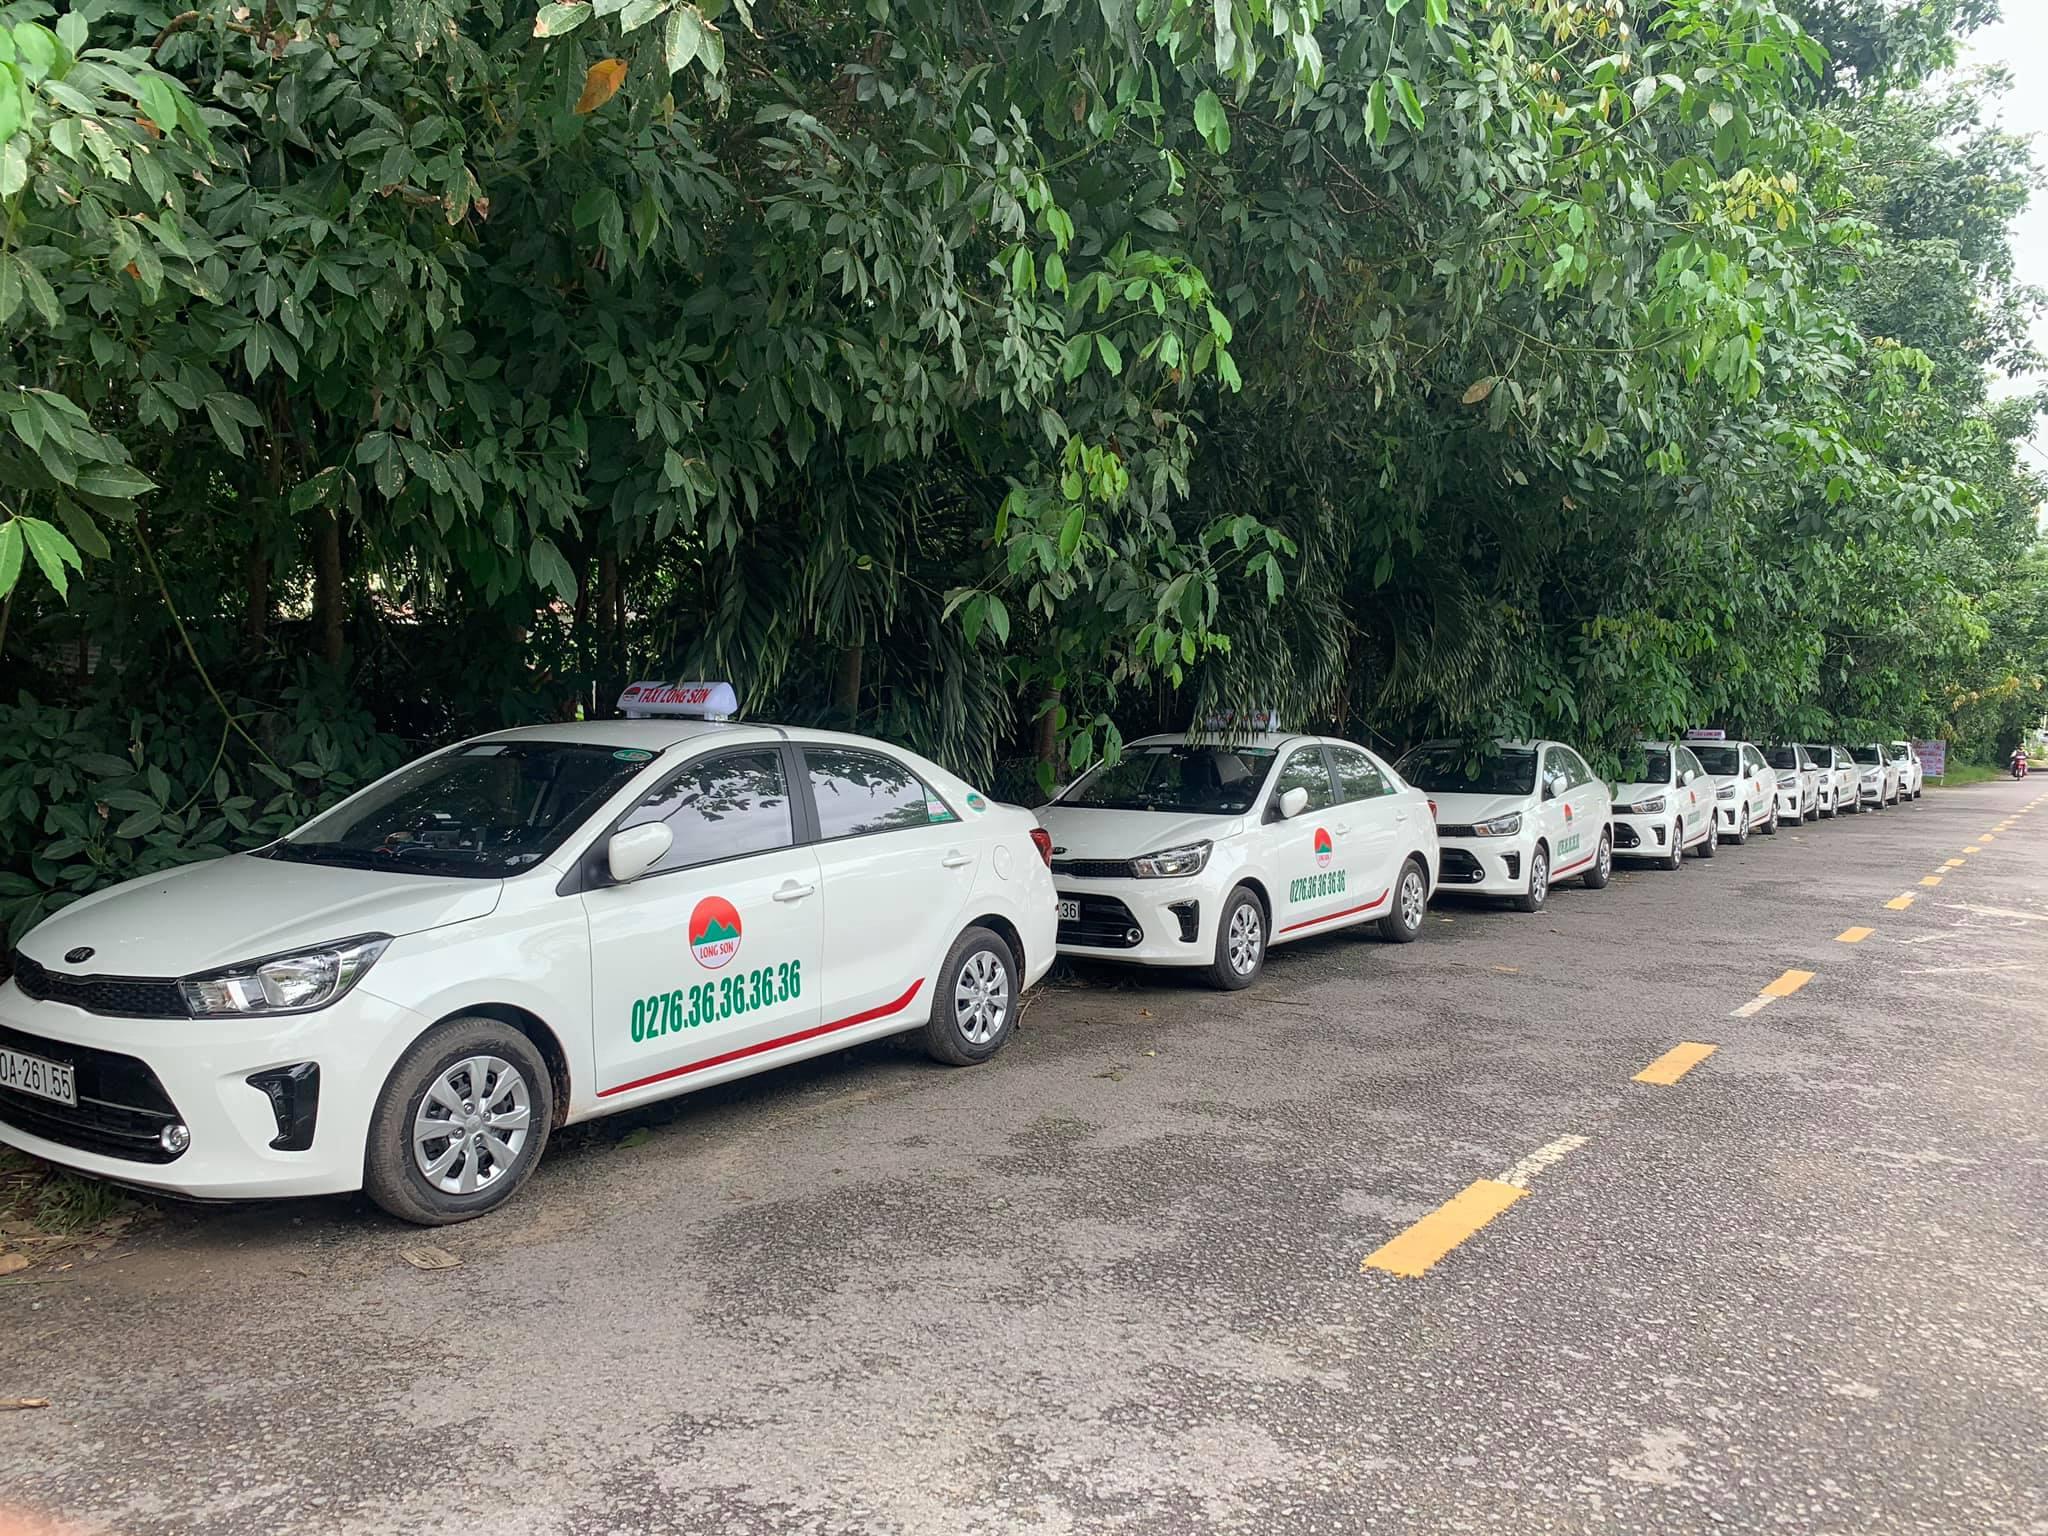 Taxi Long Sơn Tây Ninh là hãng taxi giá rẻ ở Tây Ninh